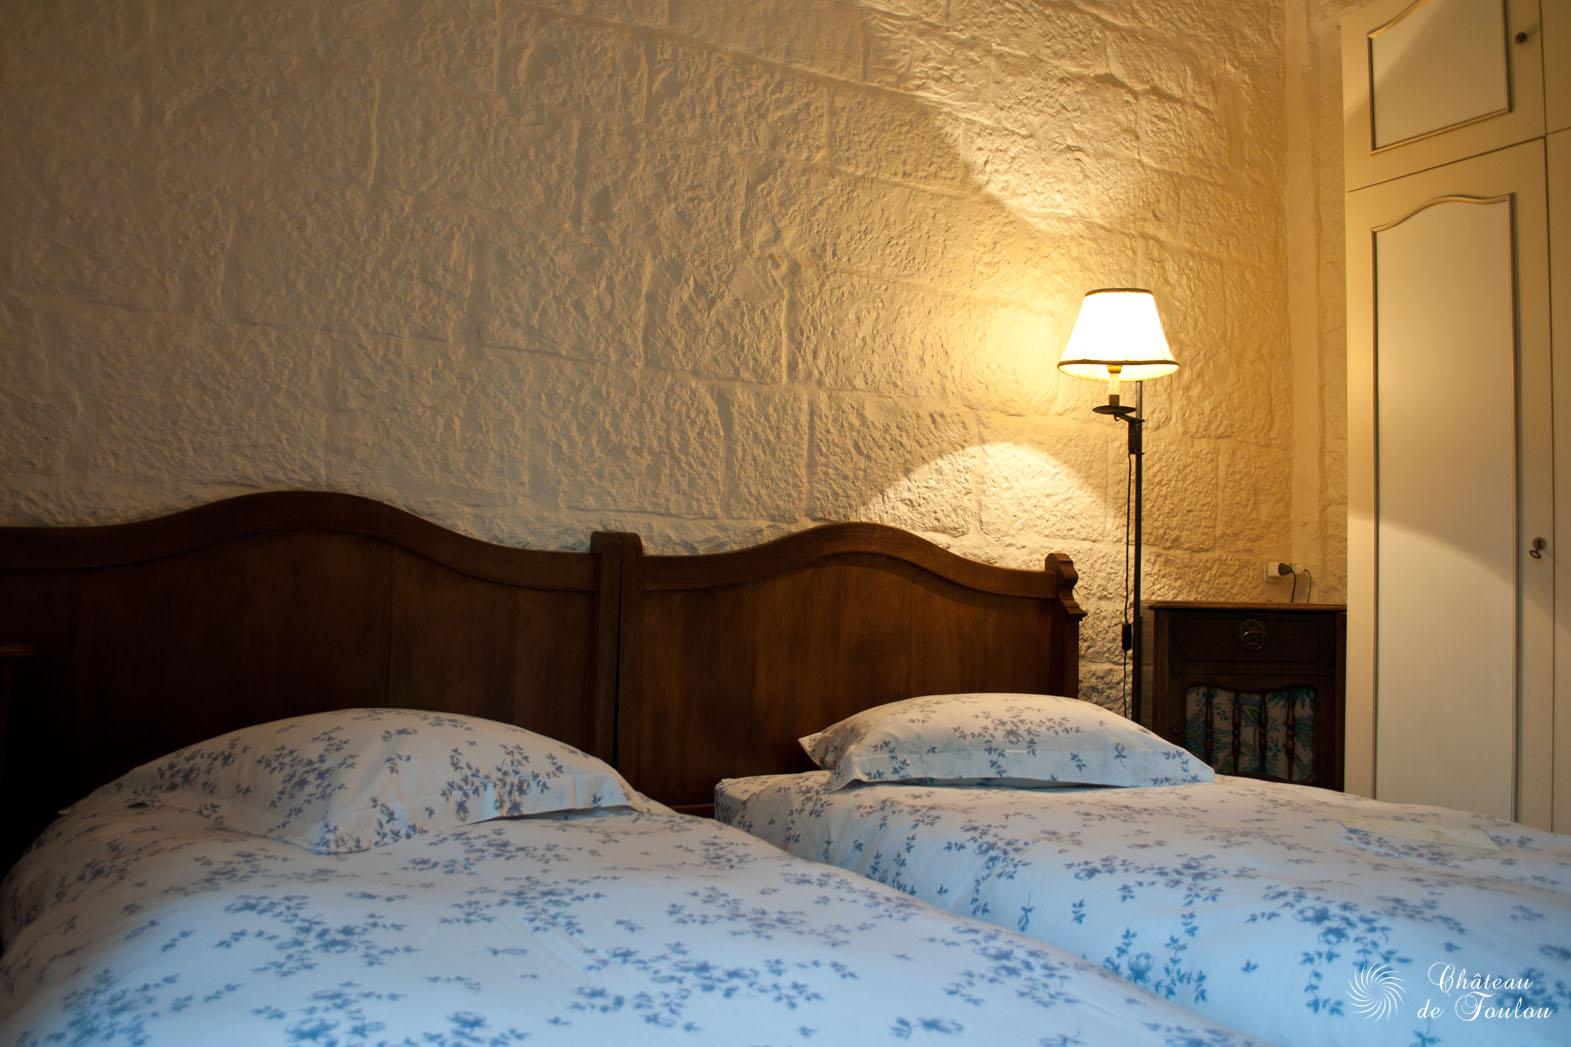 http://www.chateau-de-foulou.com/wp-content/uploads/2014/05/roomtour08.jpg